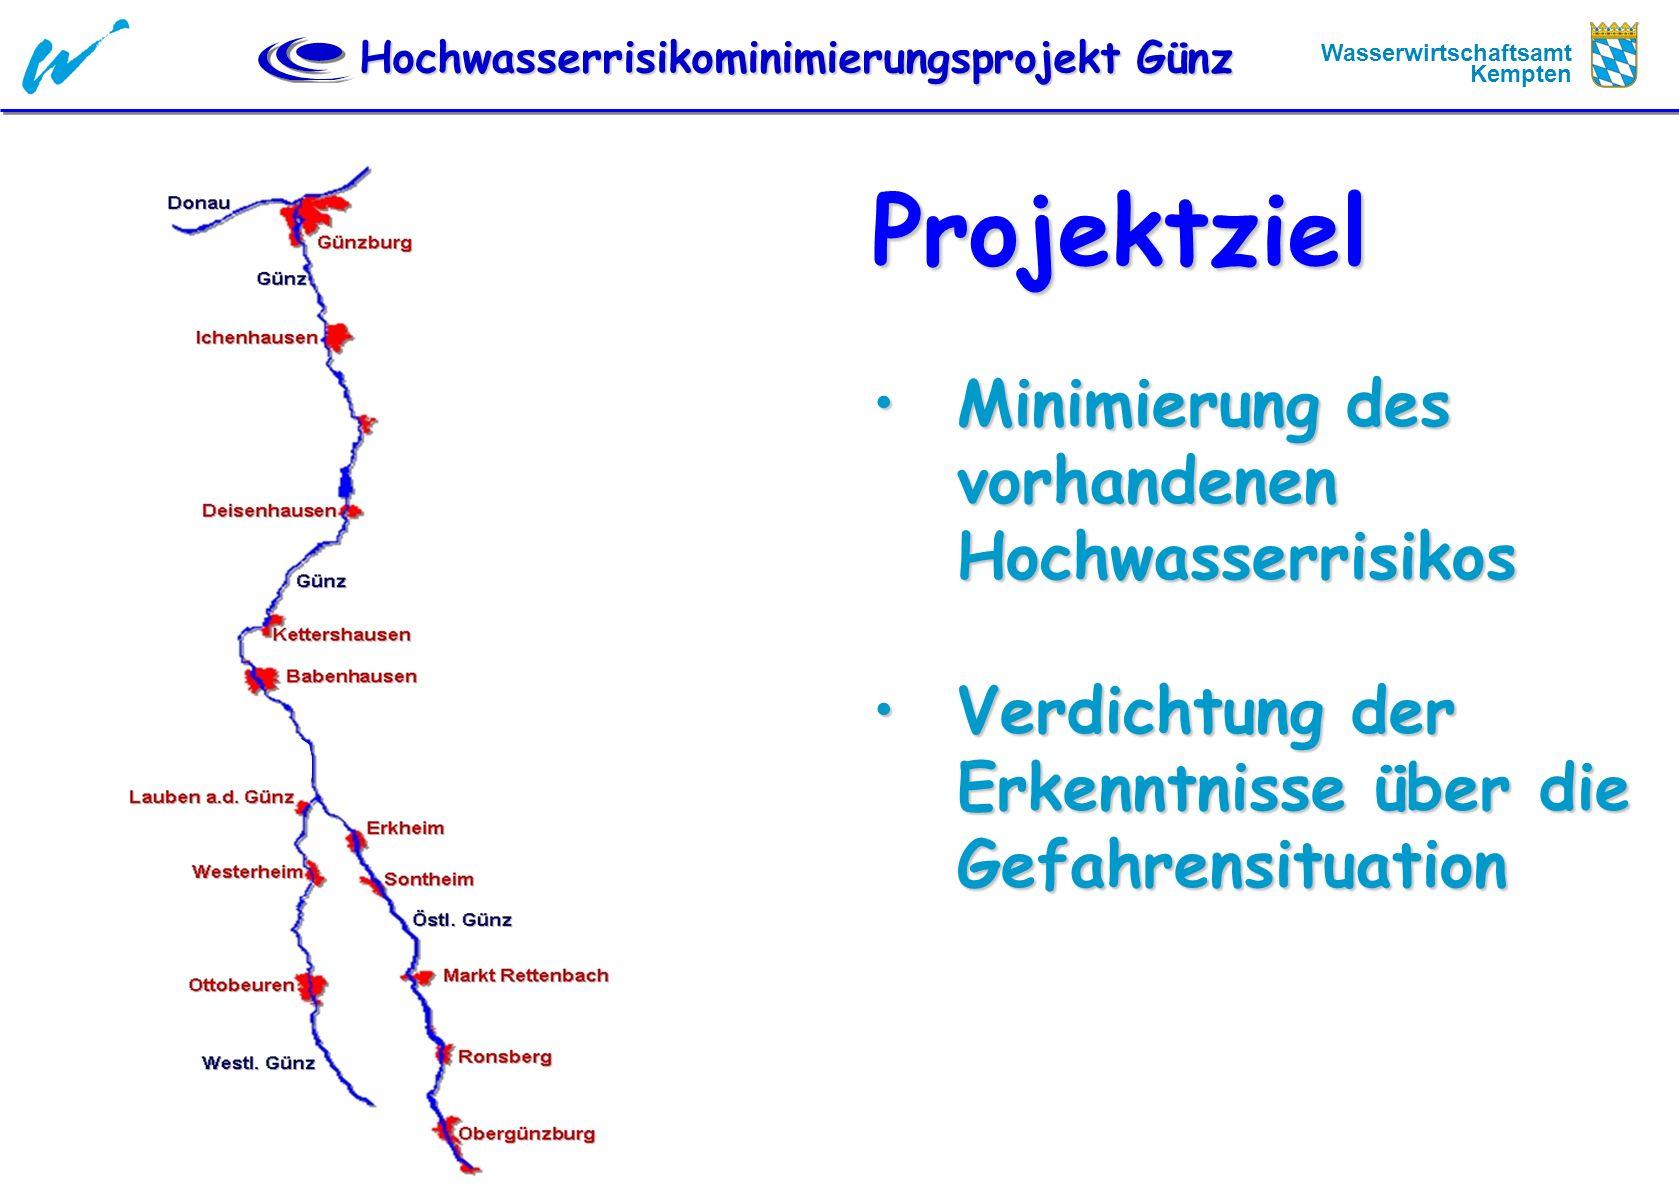 Hochwasserrisikominimierungsprojekt Günz Wasserwirtschaftsamt Kempten Örtliche Schutzmassnahmen Ortsteil Günz Örtliche Schutzmassnahmen Ortsteil Günz Vorlandabtrag